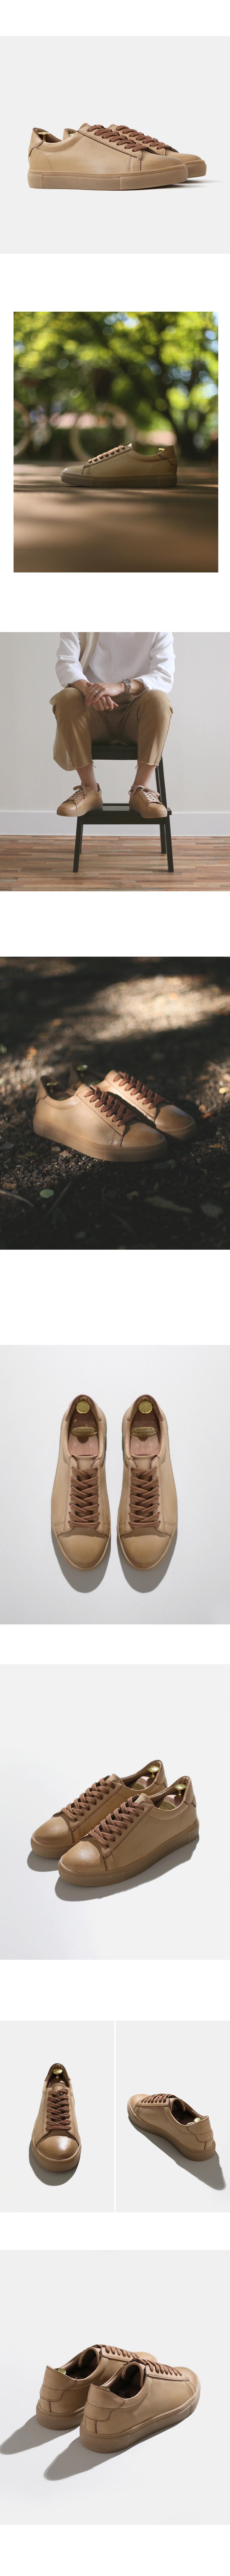 [파스코로젠 리미티드] 스탠다드 디자인 스니커즈 크림슨 브라운